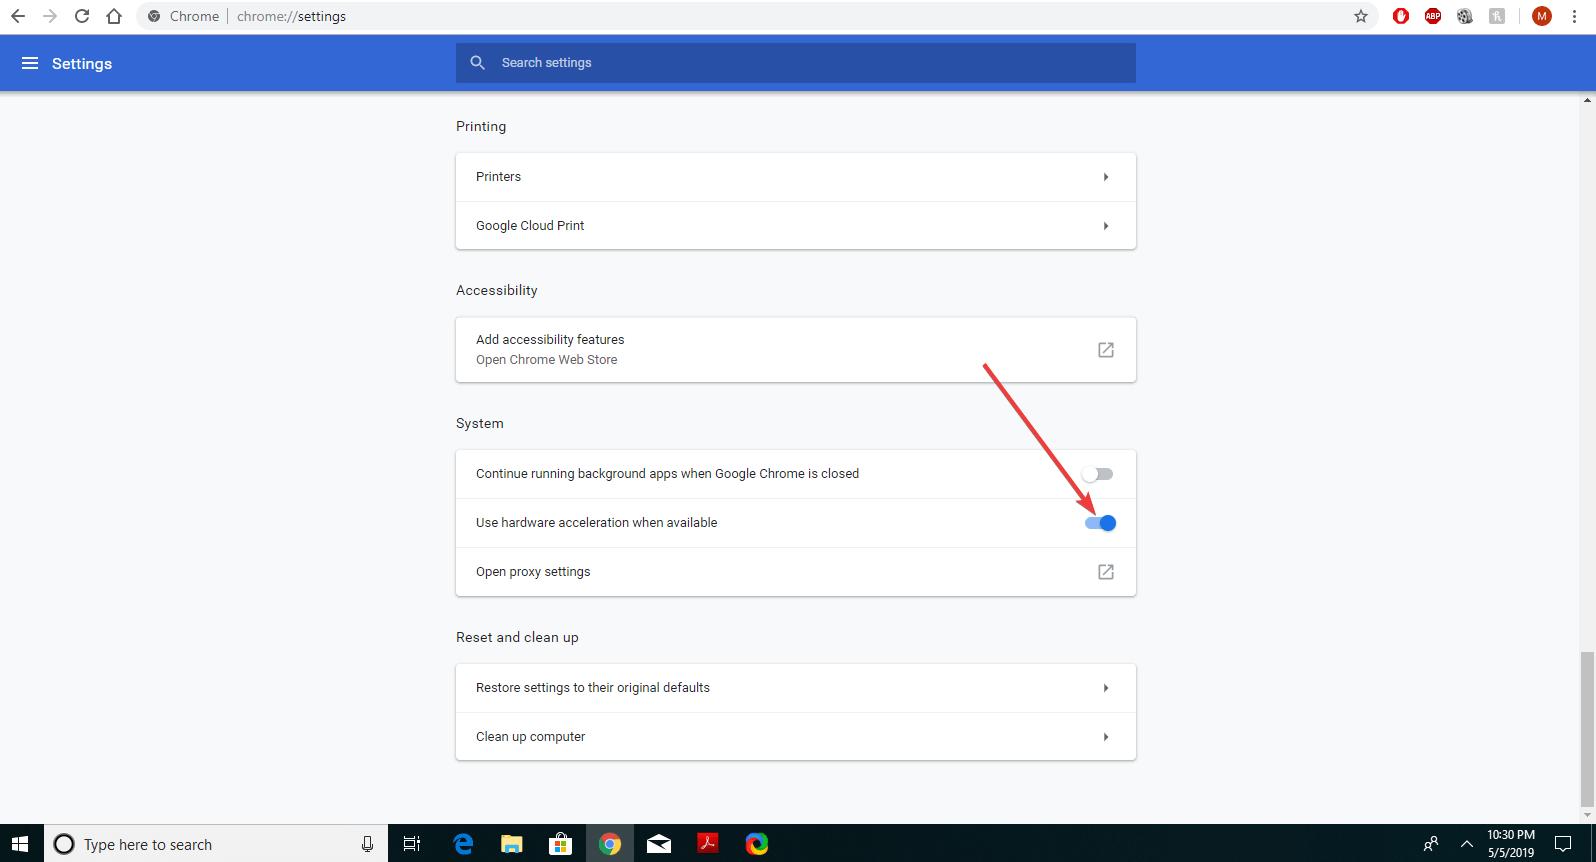 6 cách sửa lỗi Google Chrome không hiển thị hình ảnh cực dễ 13